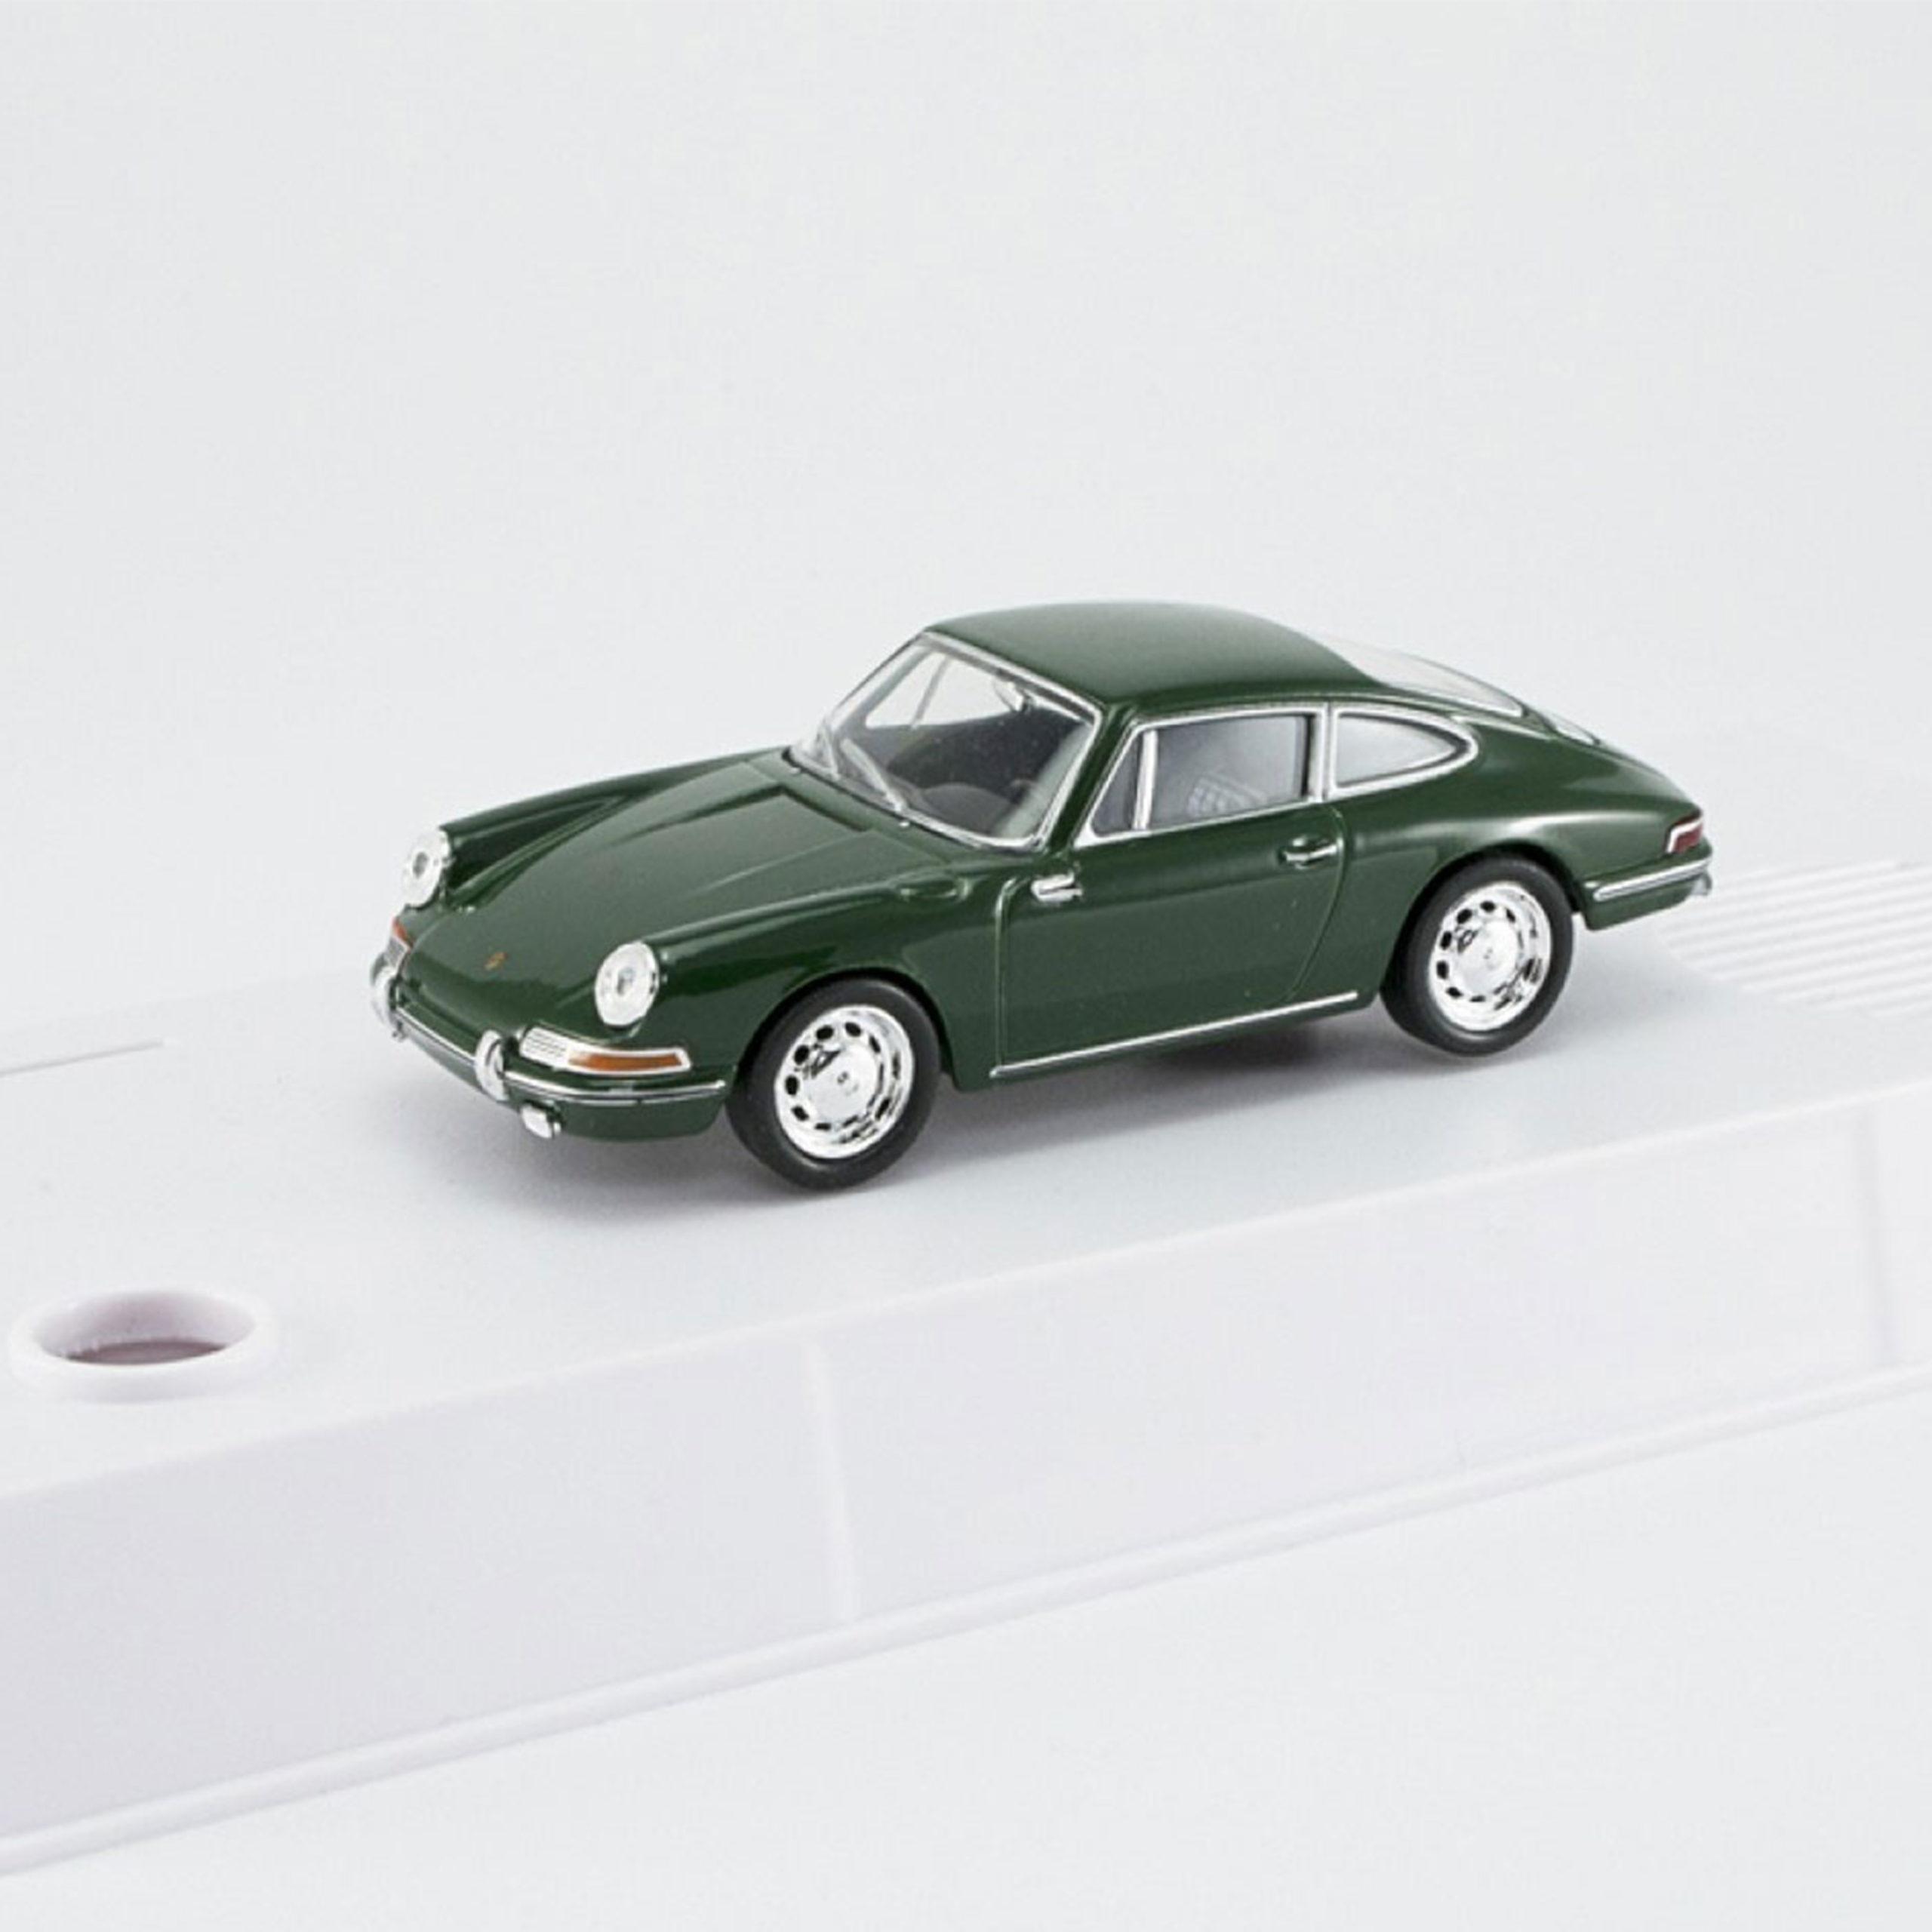 Porsche-911-model-made-from-an-advent-calendar